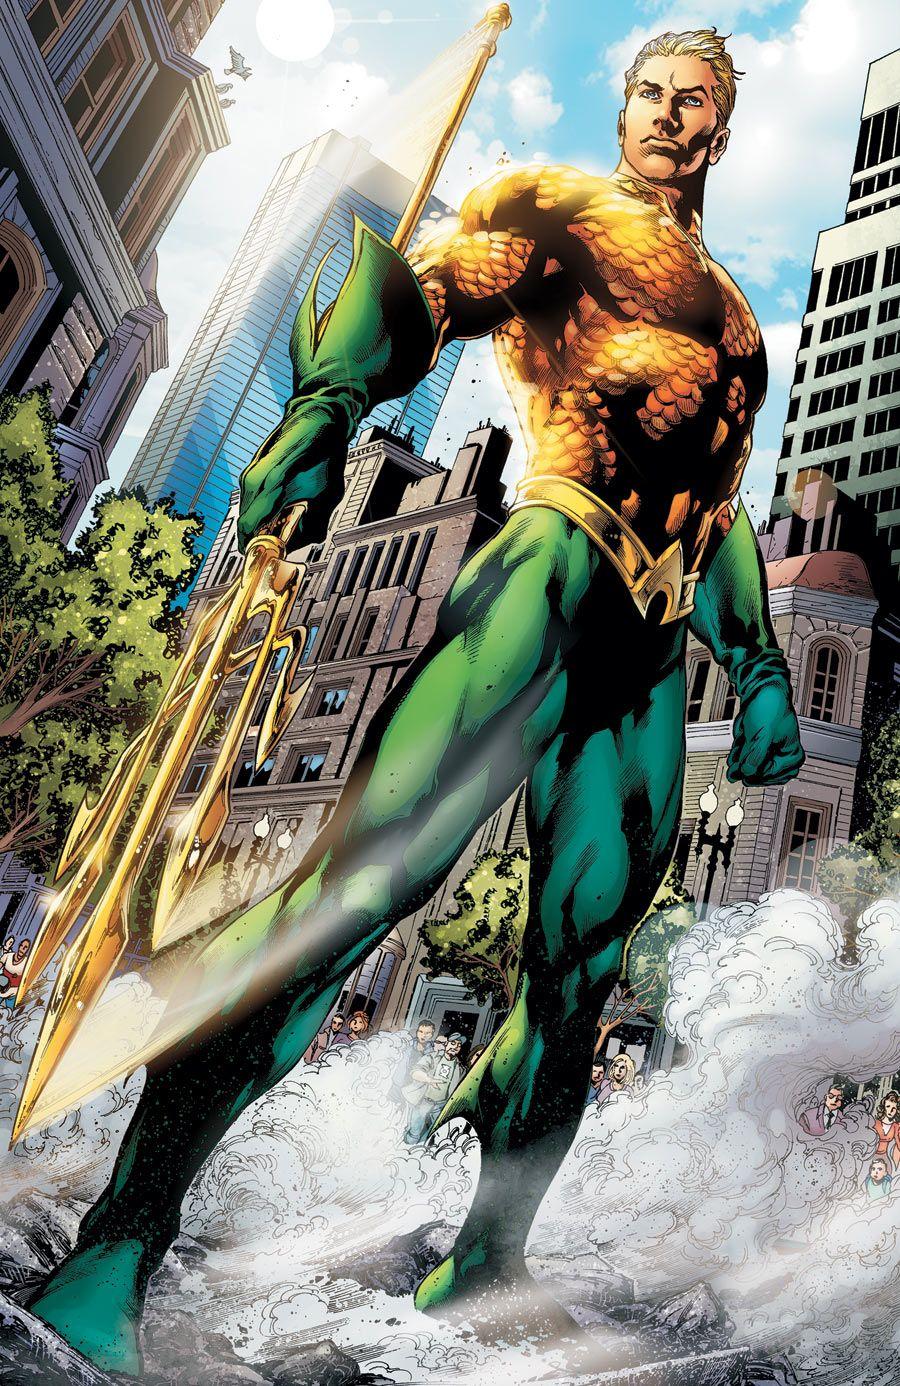 Aquaman by ivan reis aquaman superhero superhero comic